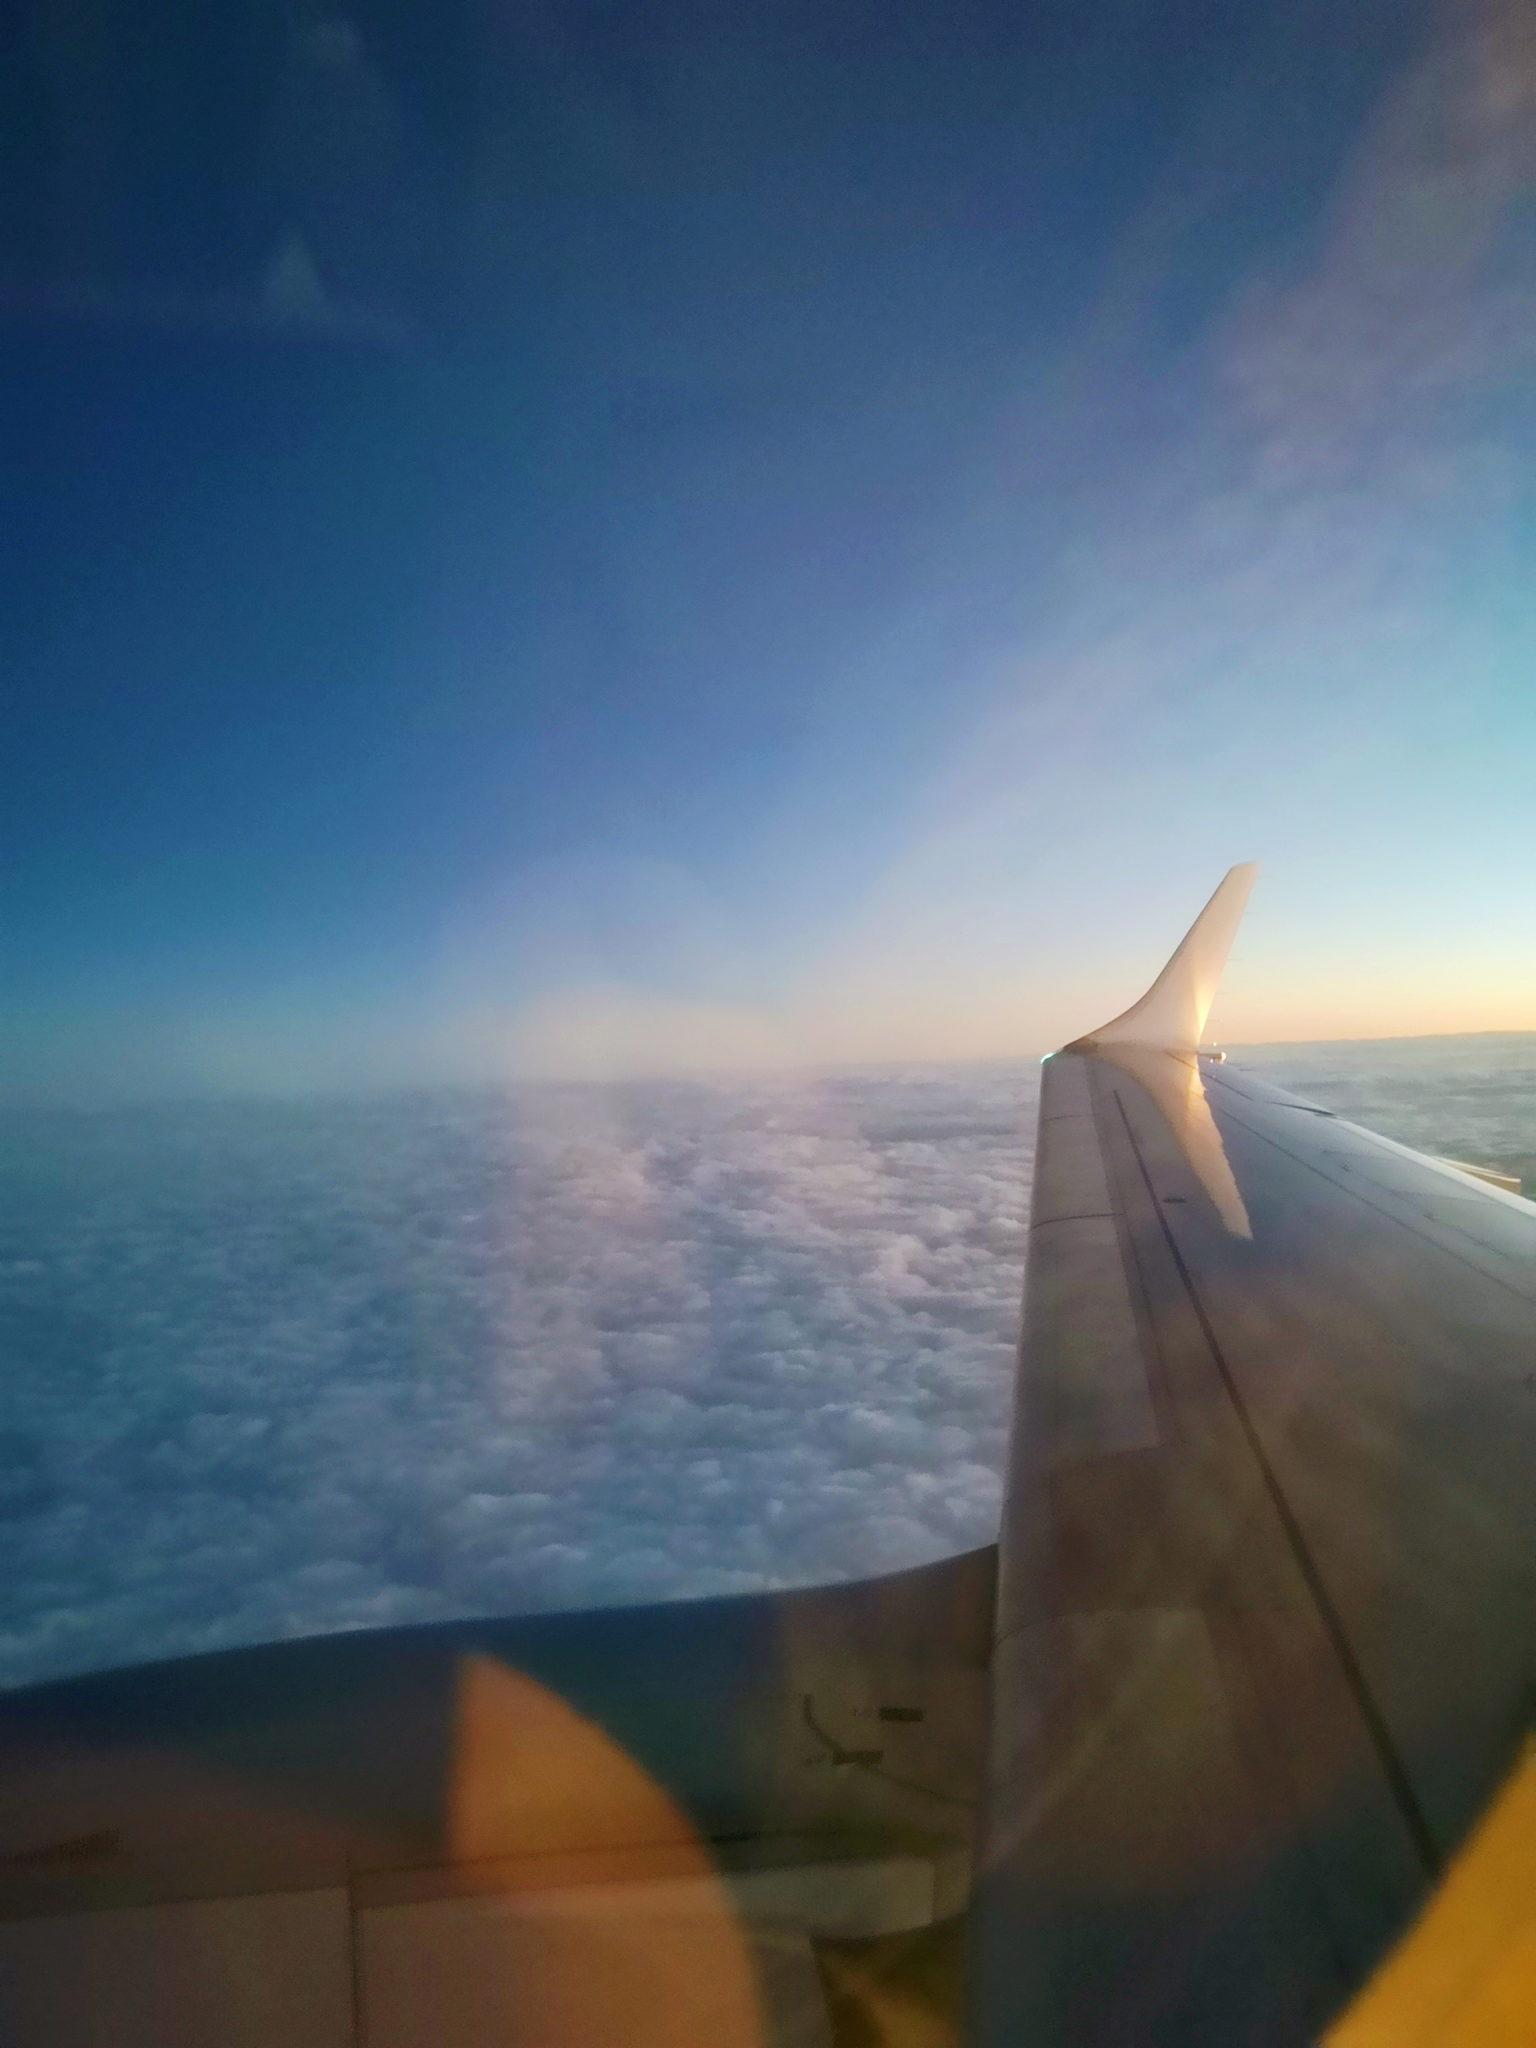 Zdjęcie z okna samolotu: ponad chmurami różowieje wschód słońca